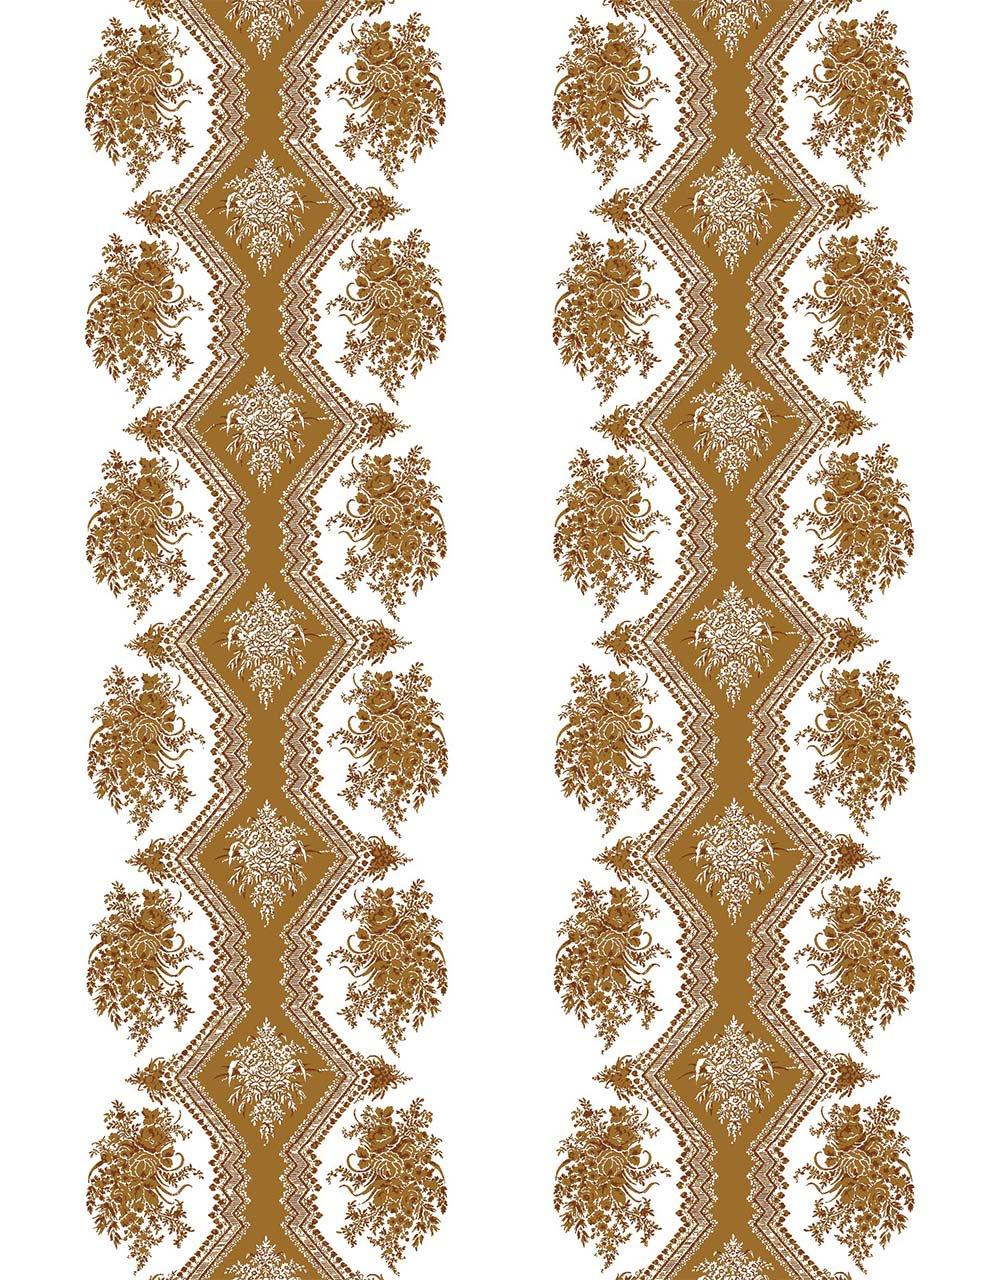 フランス壁紙 フリース(不織布) - 防炎加工 マドレーヌ・カスタン デザイン 《コッペリア》 ブラウン